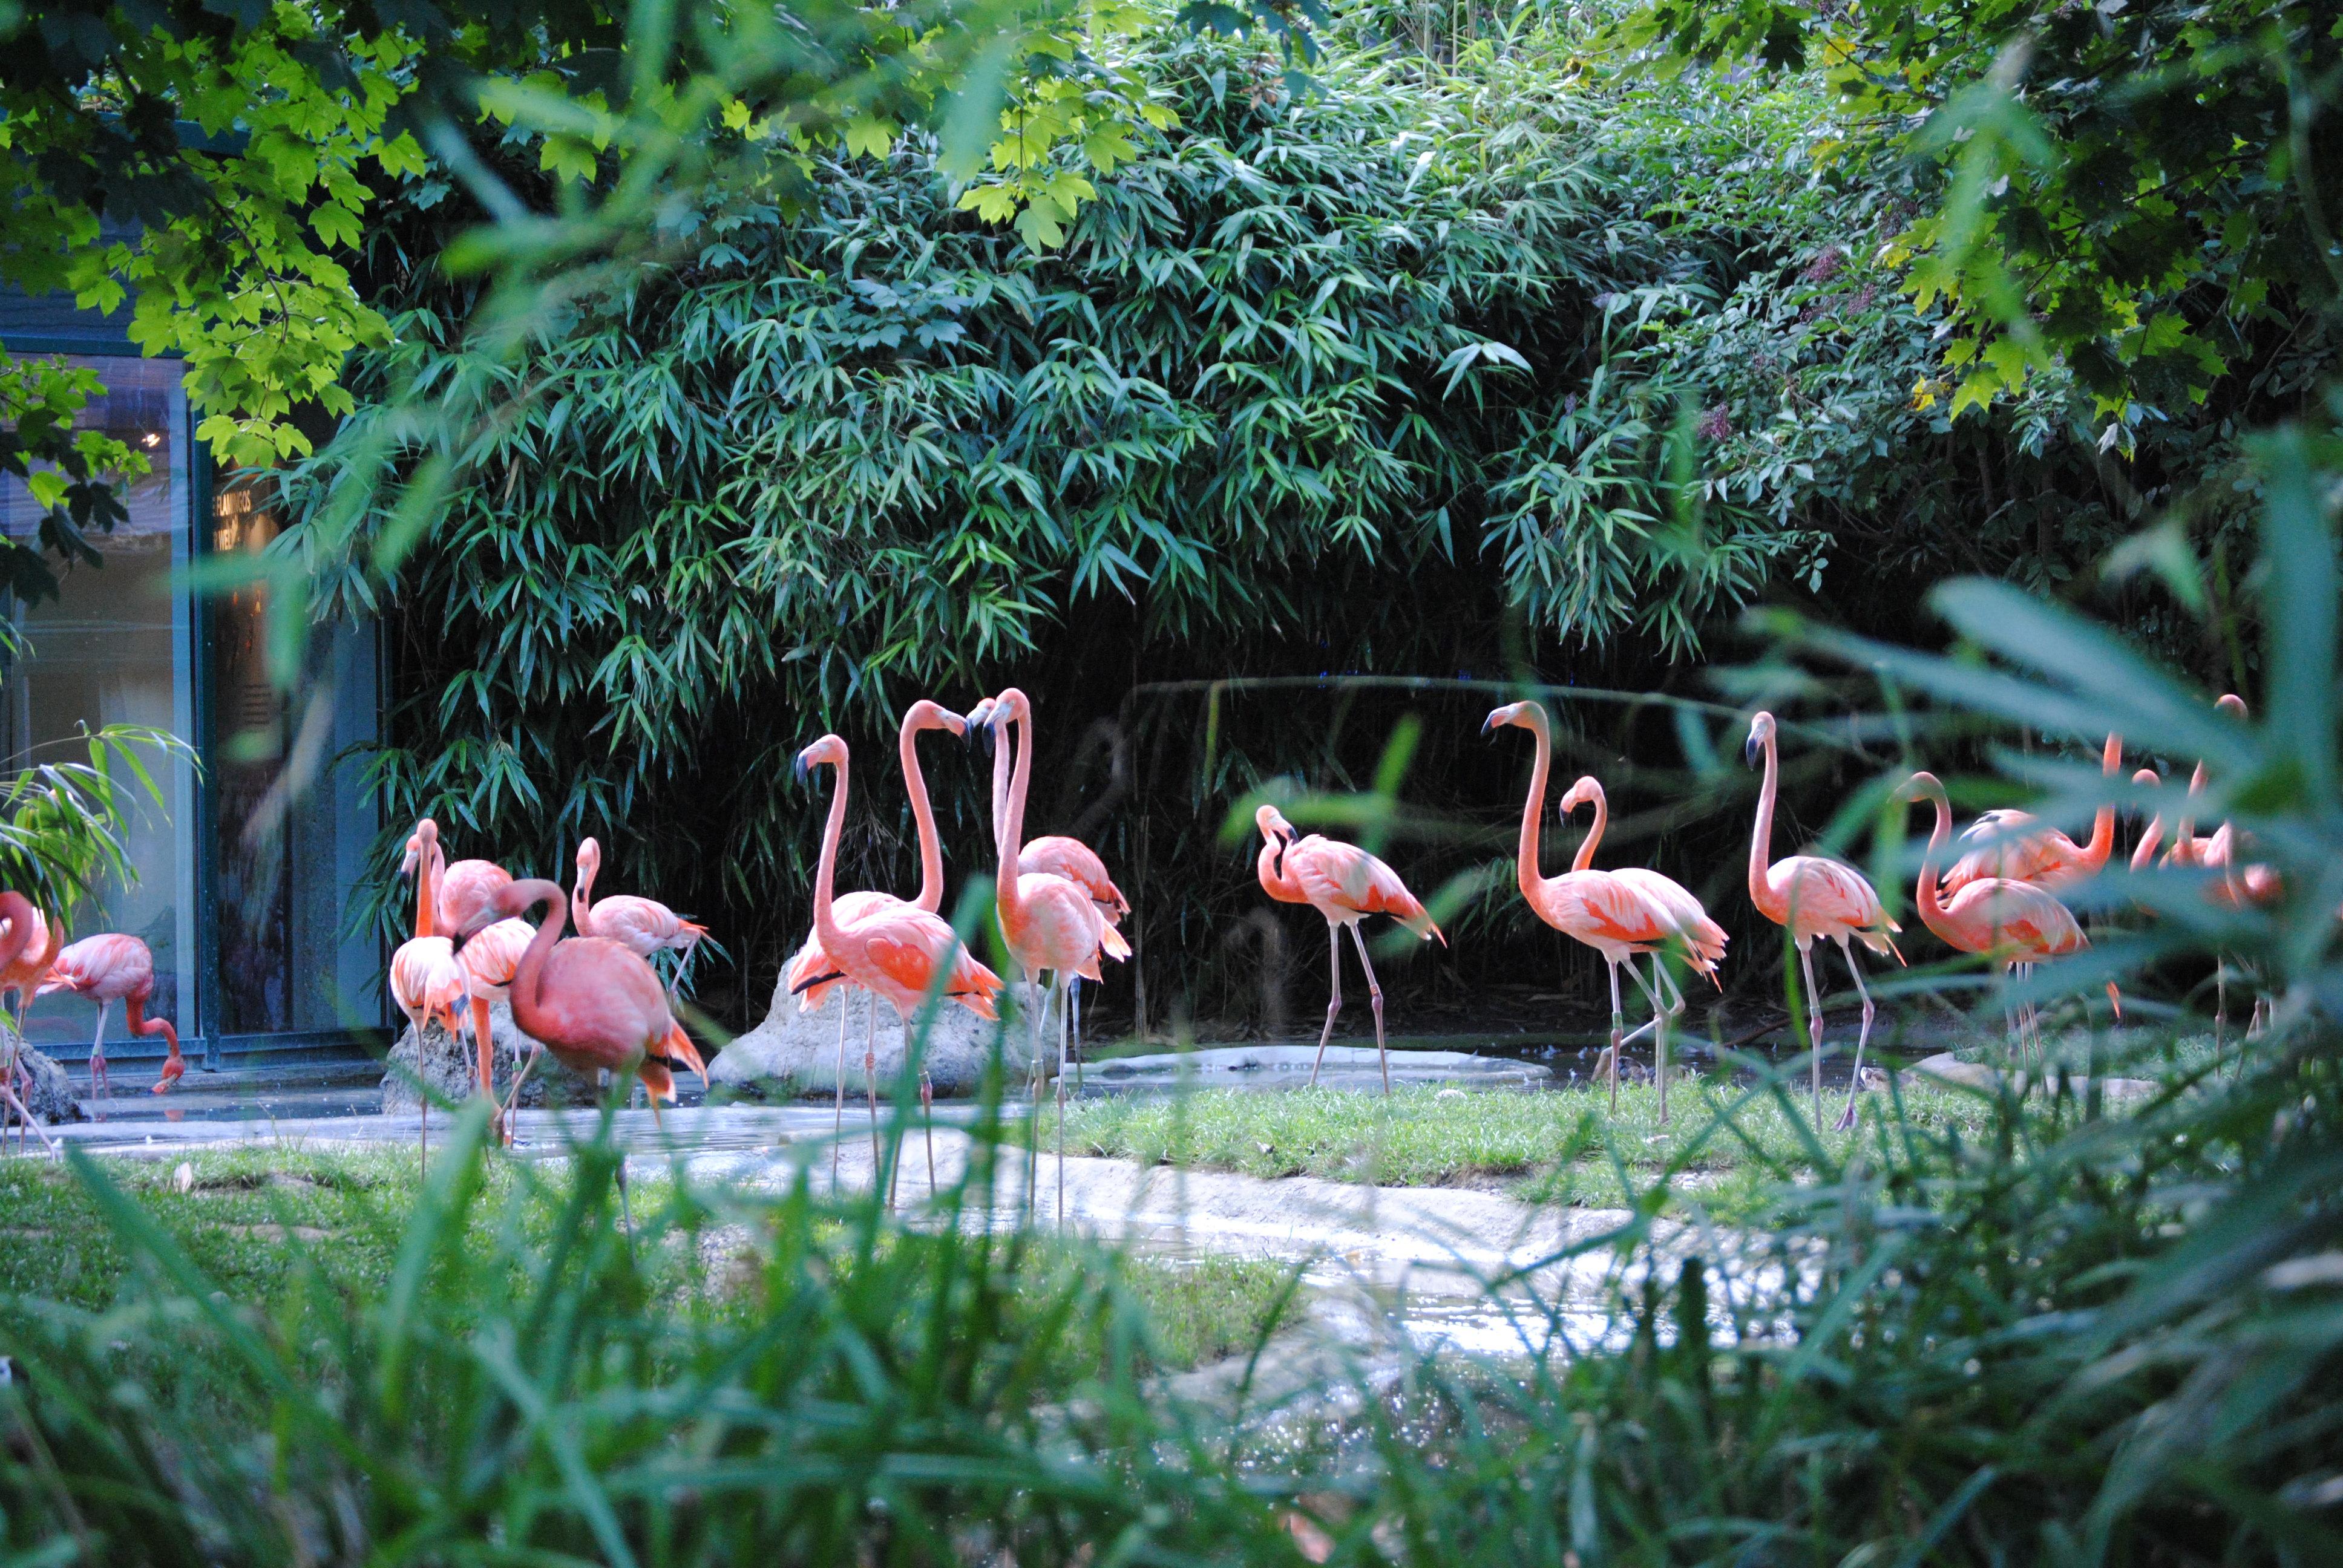 Visita el zoo de Schönbrunn de Viena